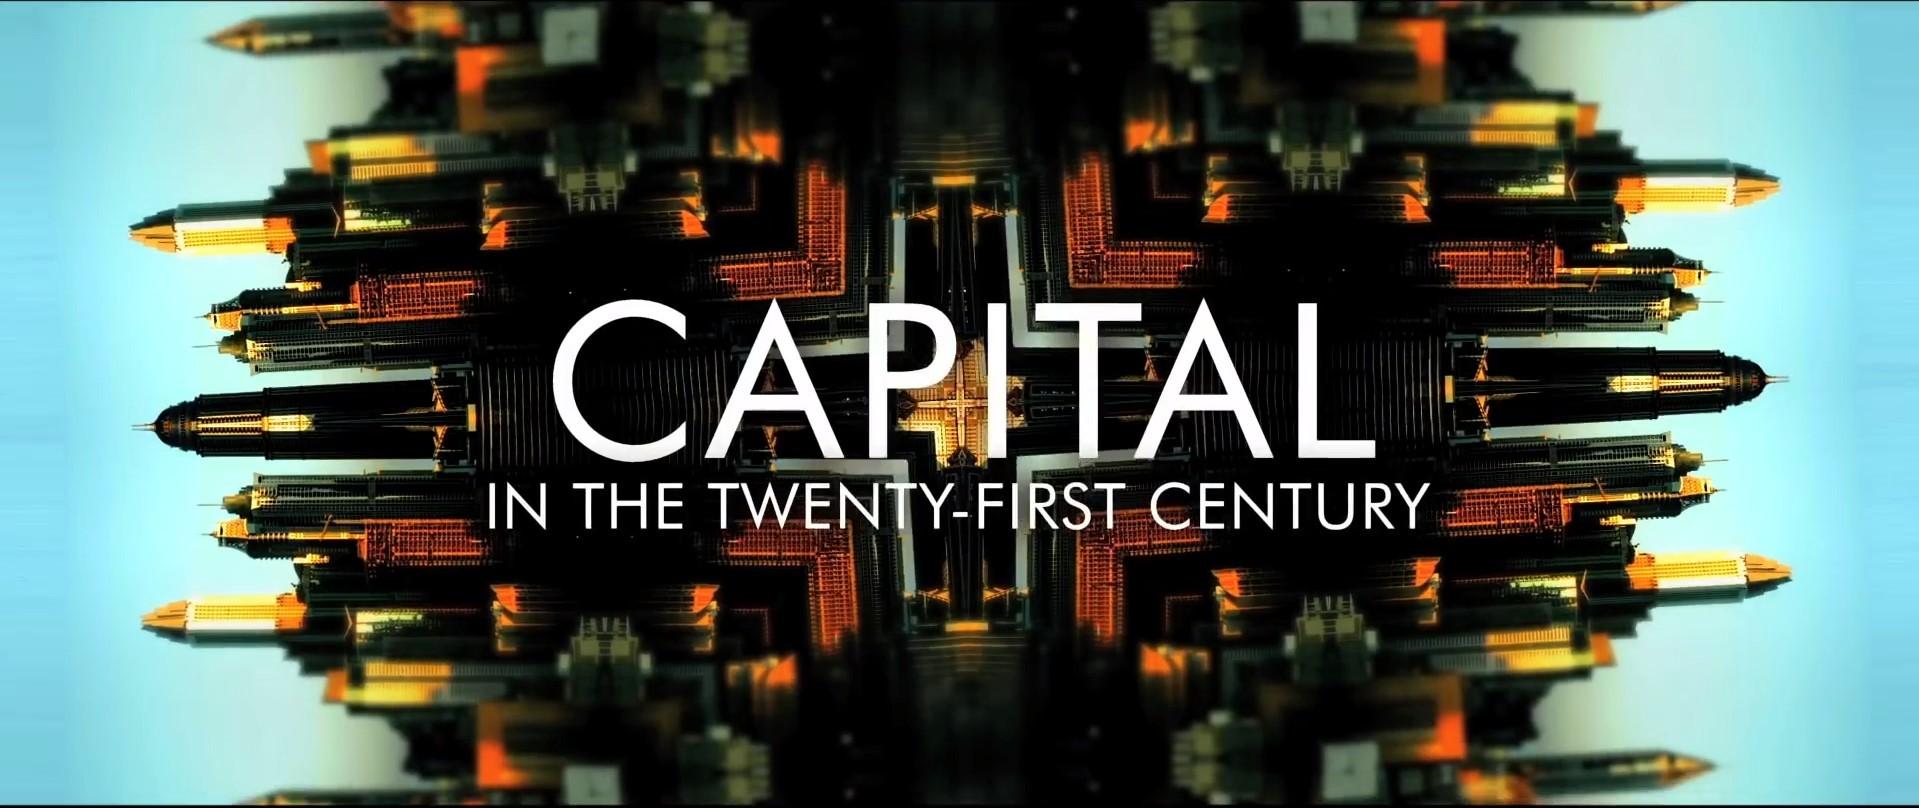 Кадр из фильма «Капитал в XXI веке»